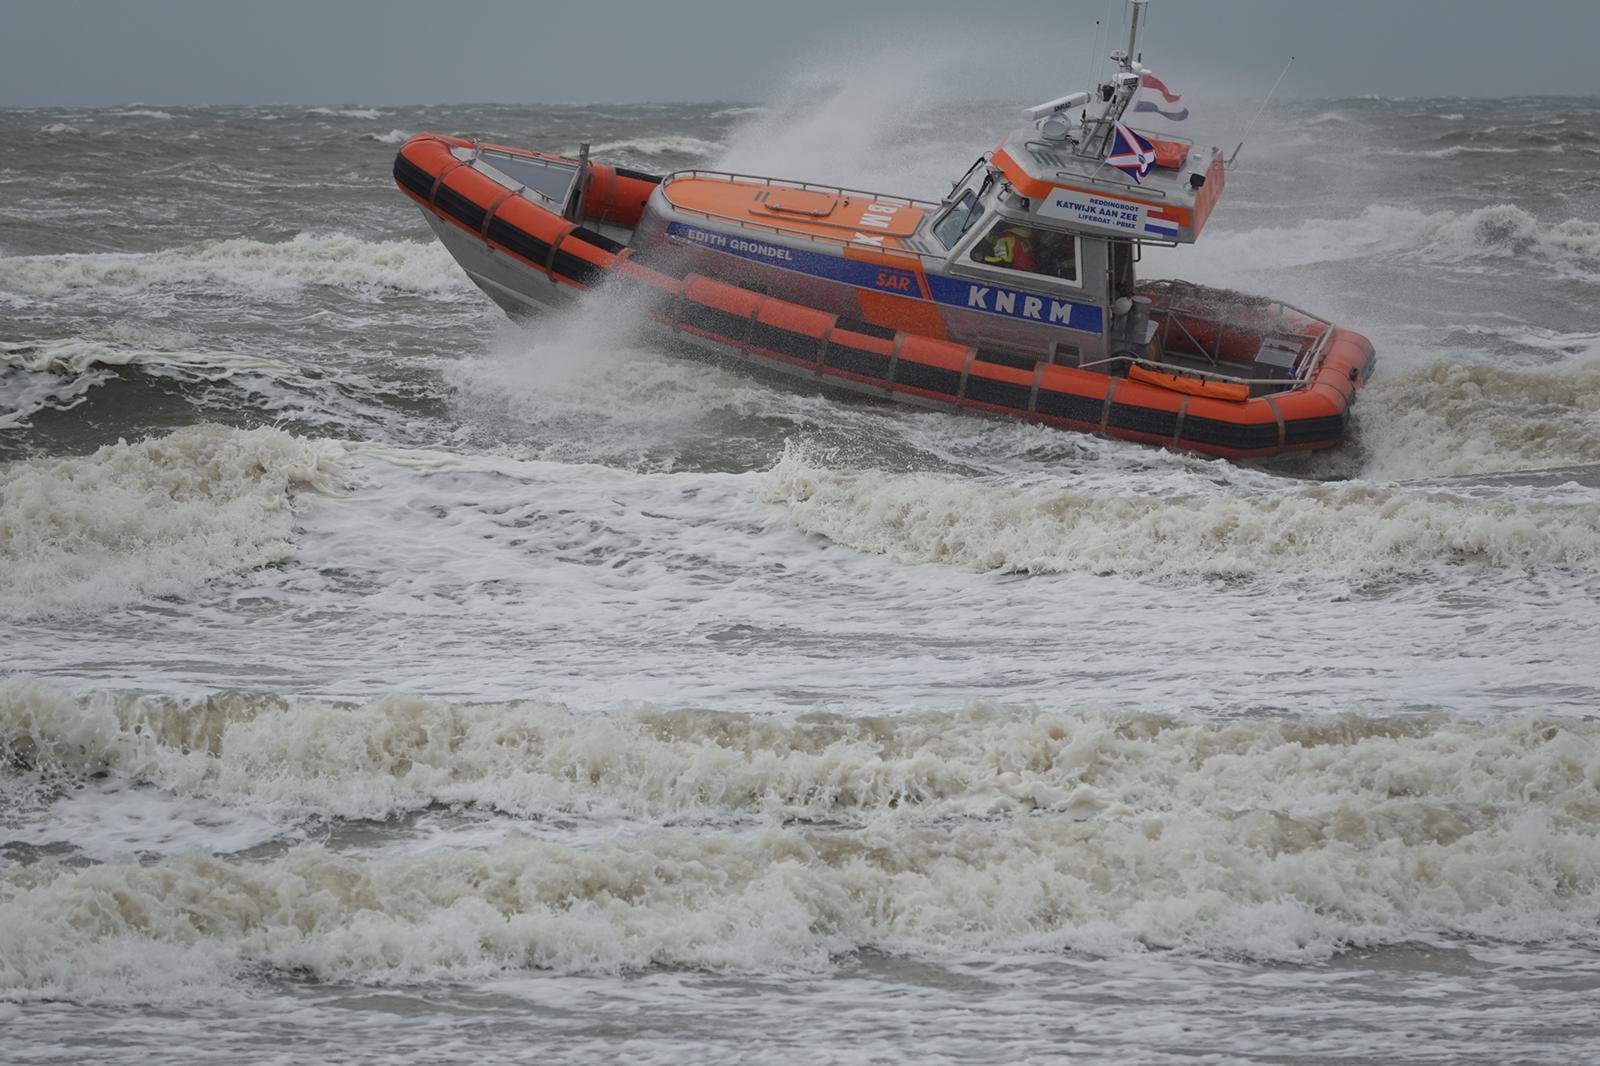 Grote zoekactie naar 'man met rode zwembroek' in de Noordzee bij Katwijk [update]